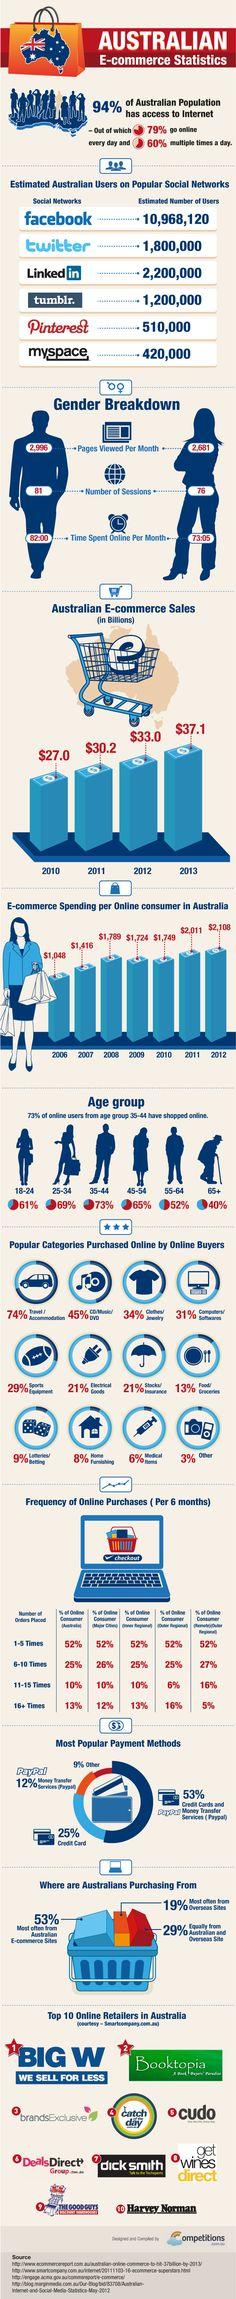 #infografia sobre el eCommerce en Australia